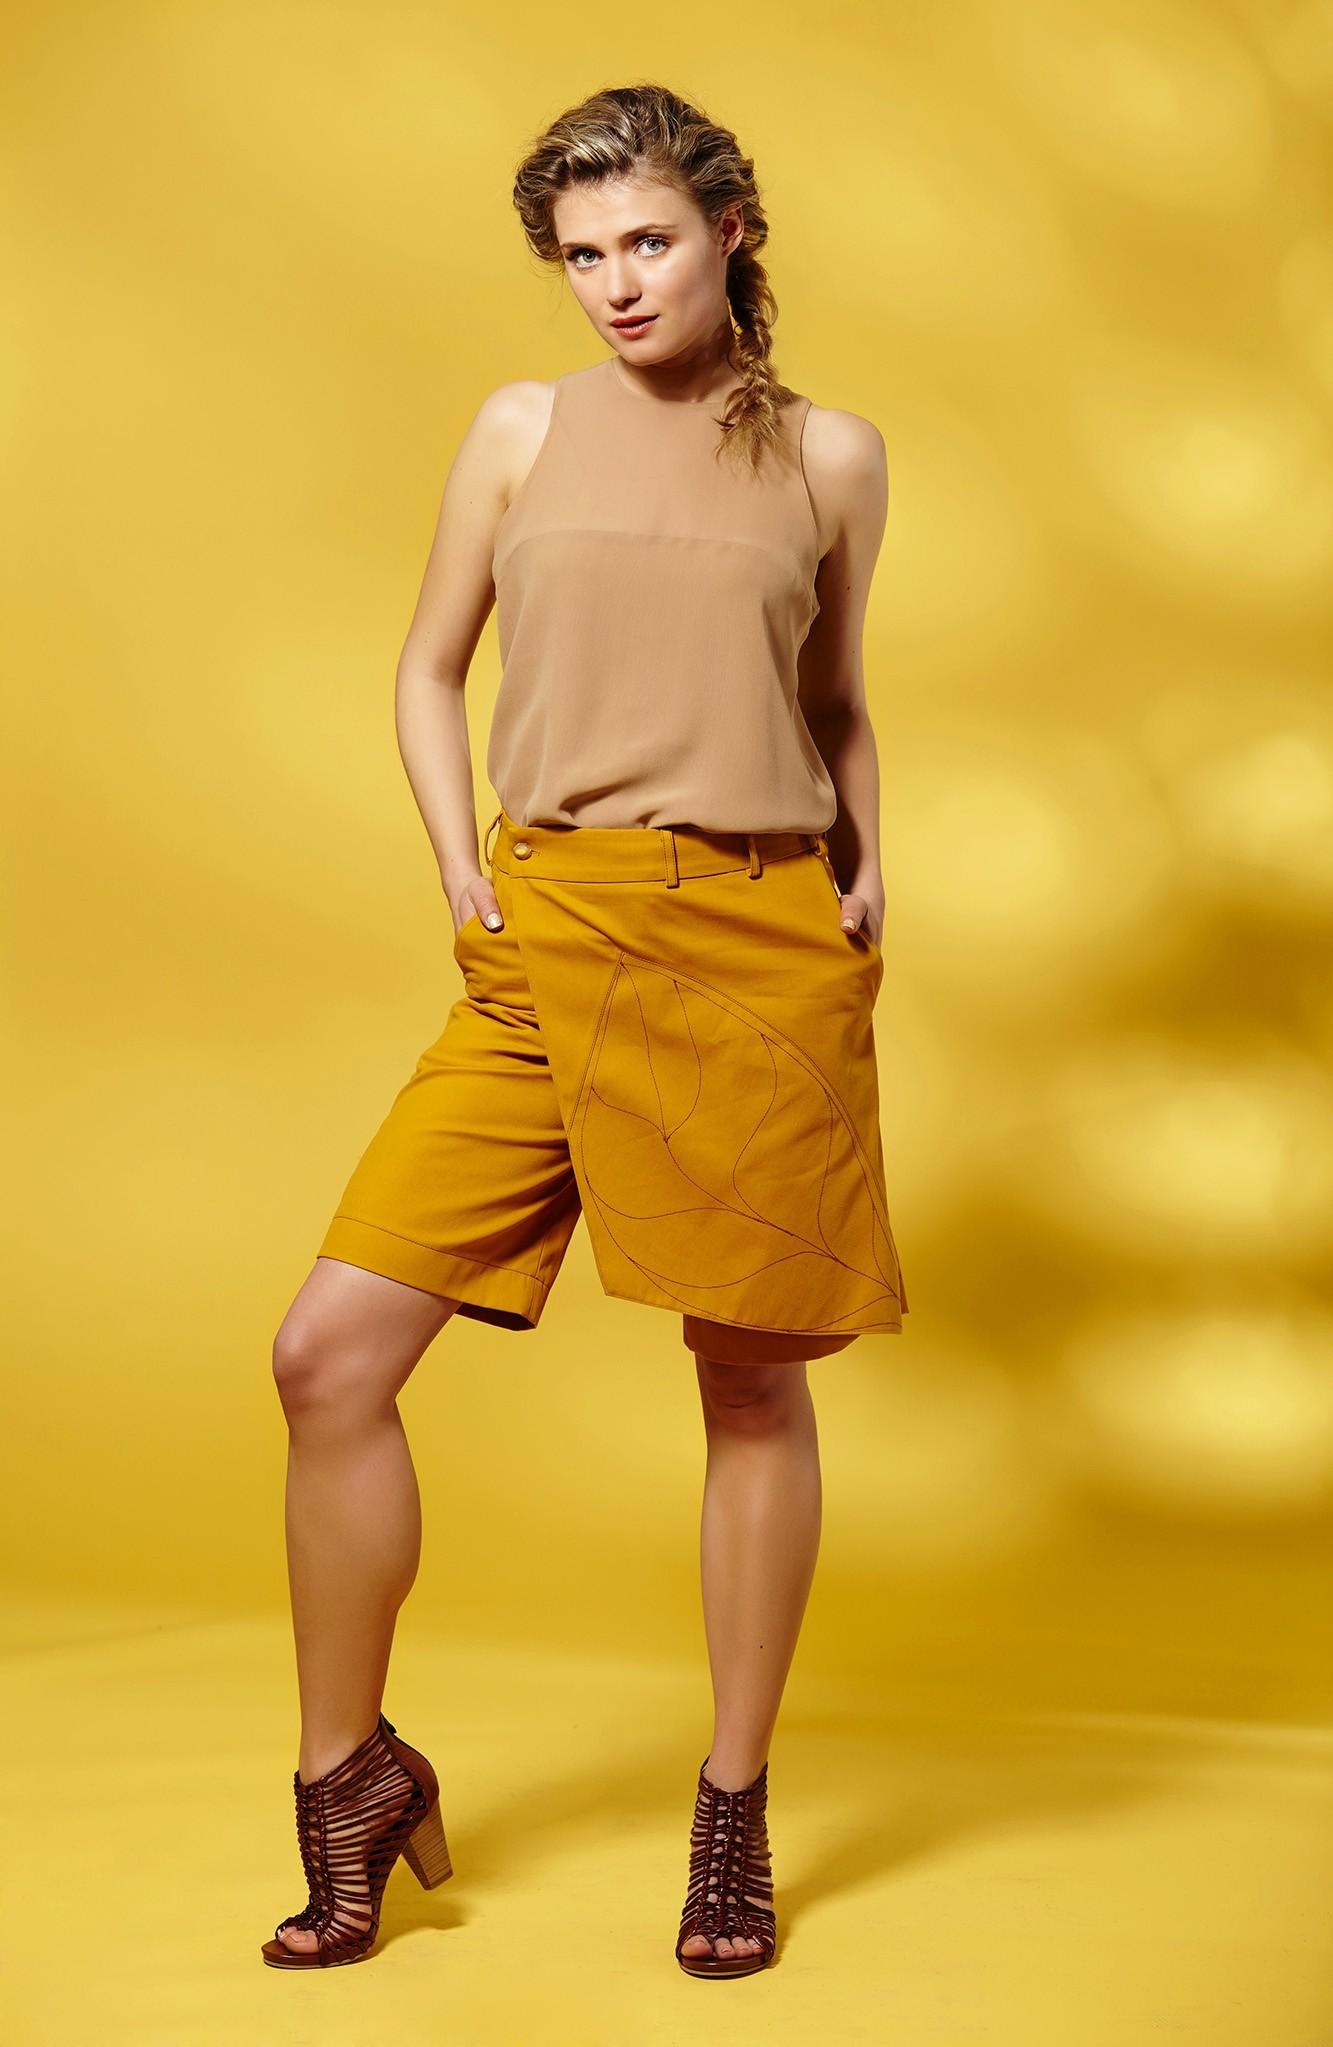 Дамски топ от копринен шифон с прозрачен гръб / Модна къща АМБИЦИЯ